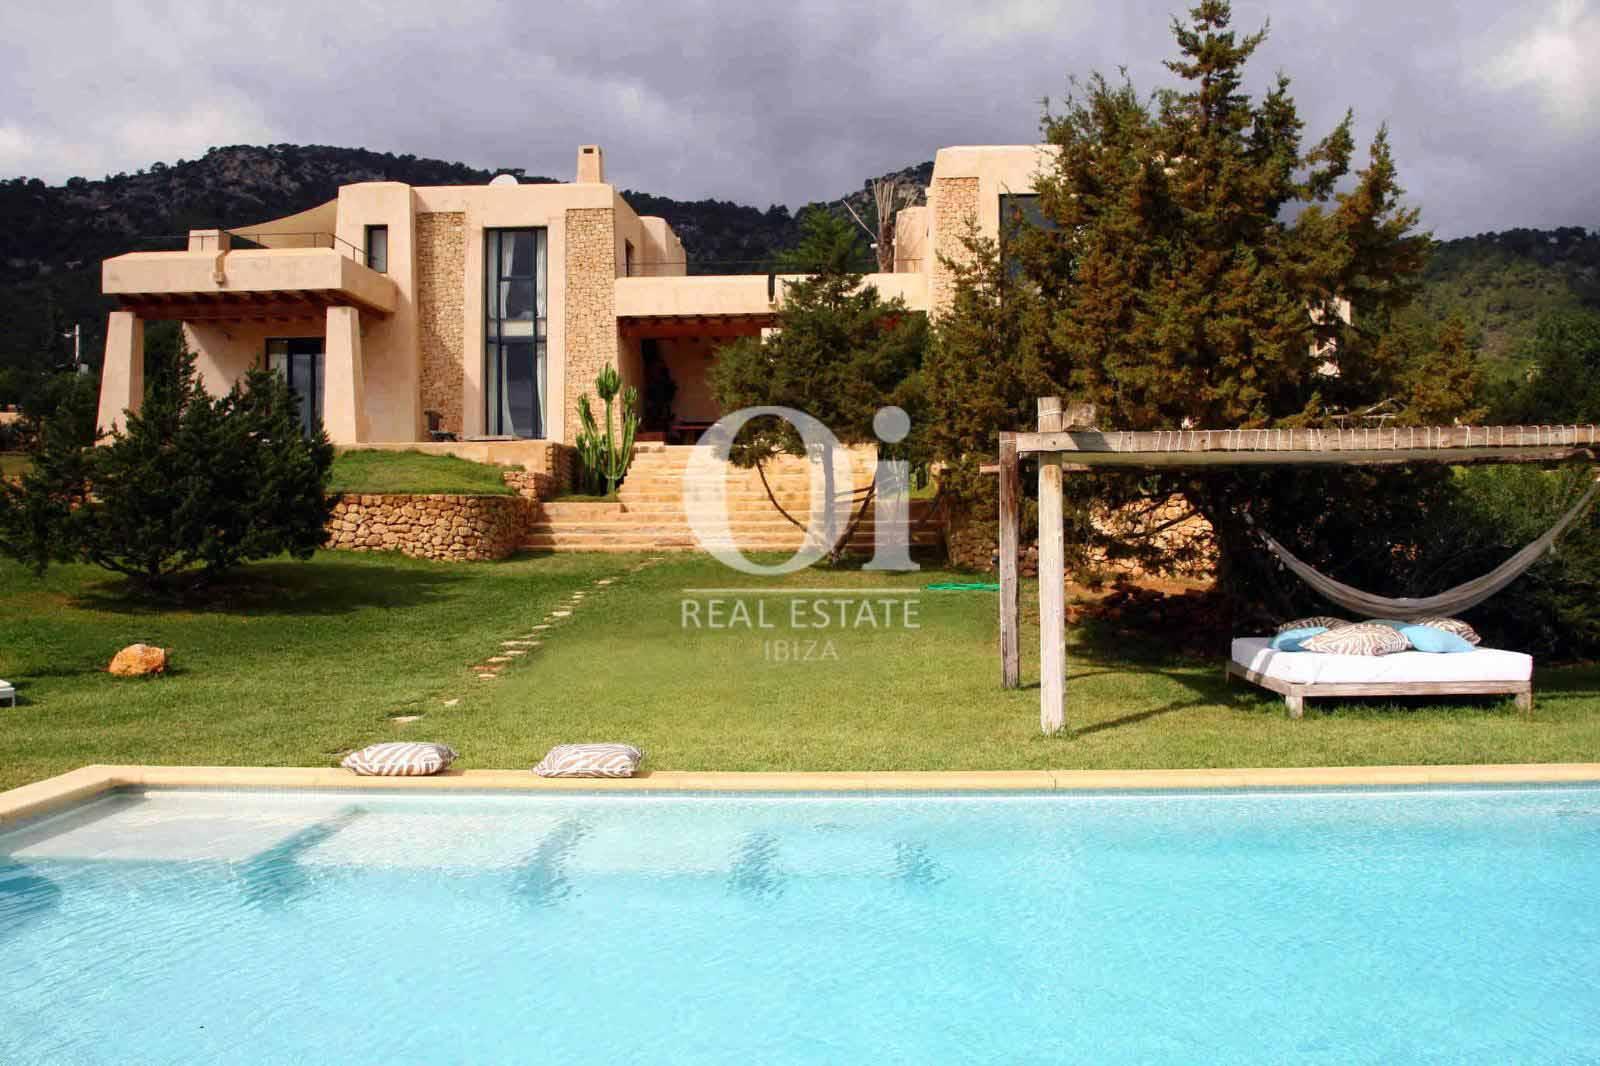 Casa en alquiler de estancia en Es Cubells, Ibiza